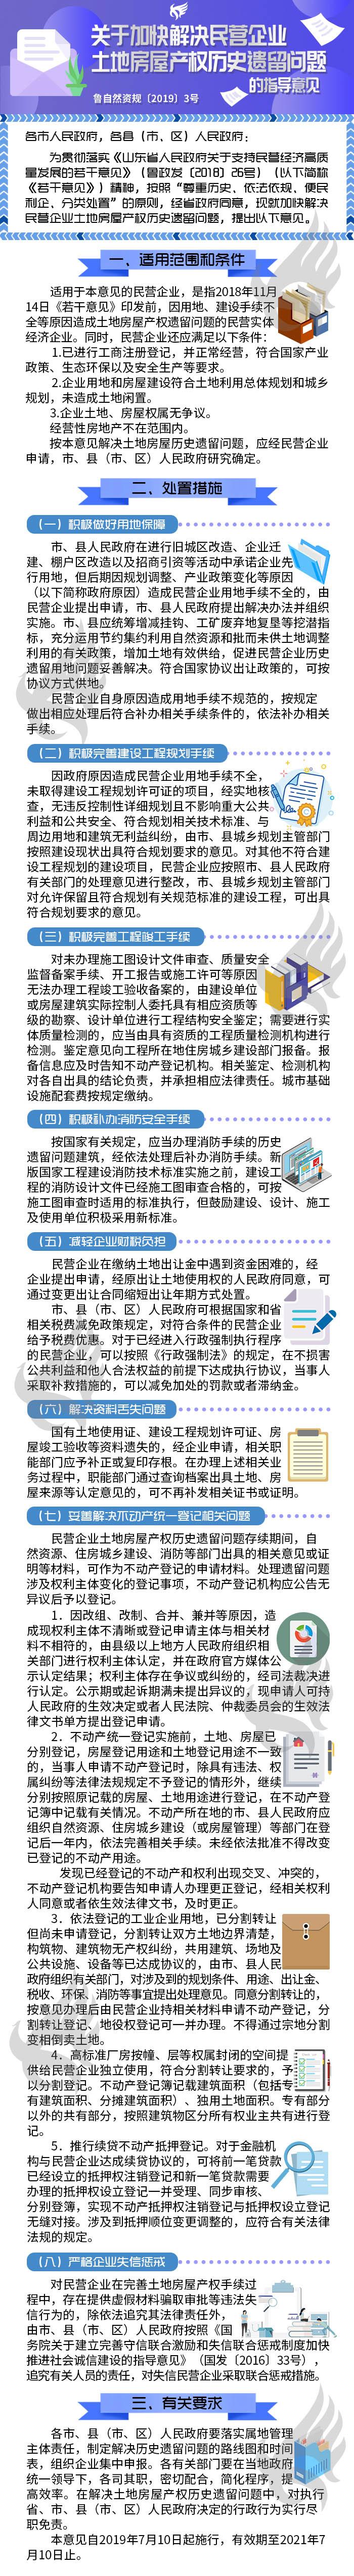 关于加快解决民营企业土地房屋产权历史遗留问题的指导意见.jpg